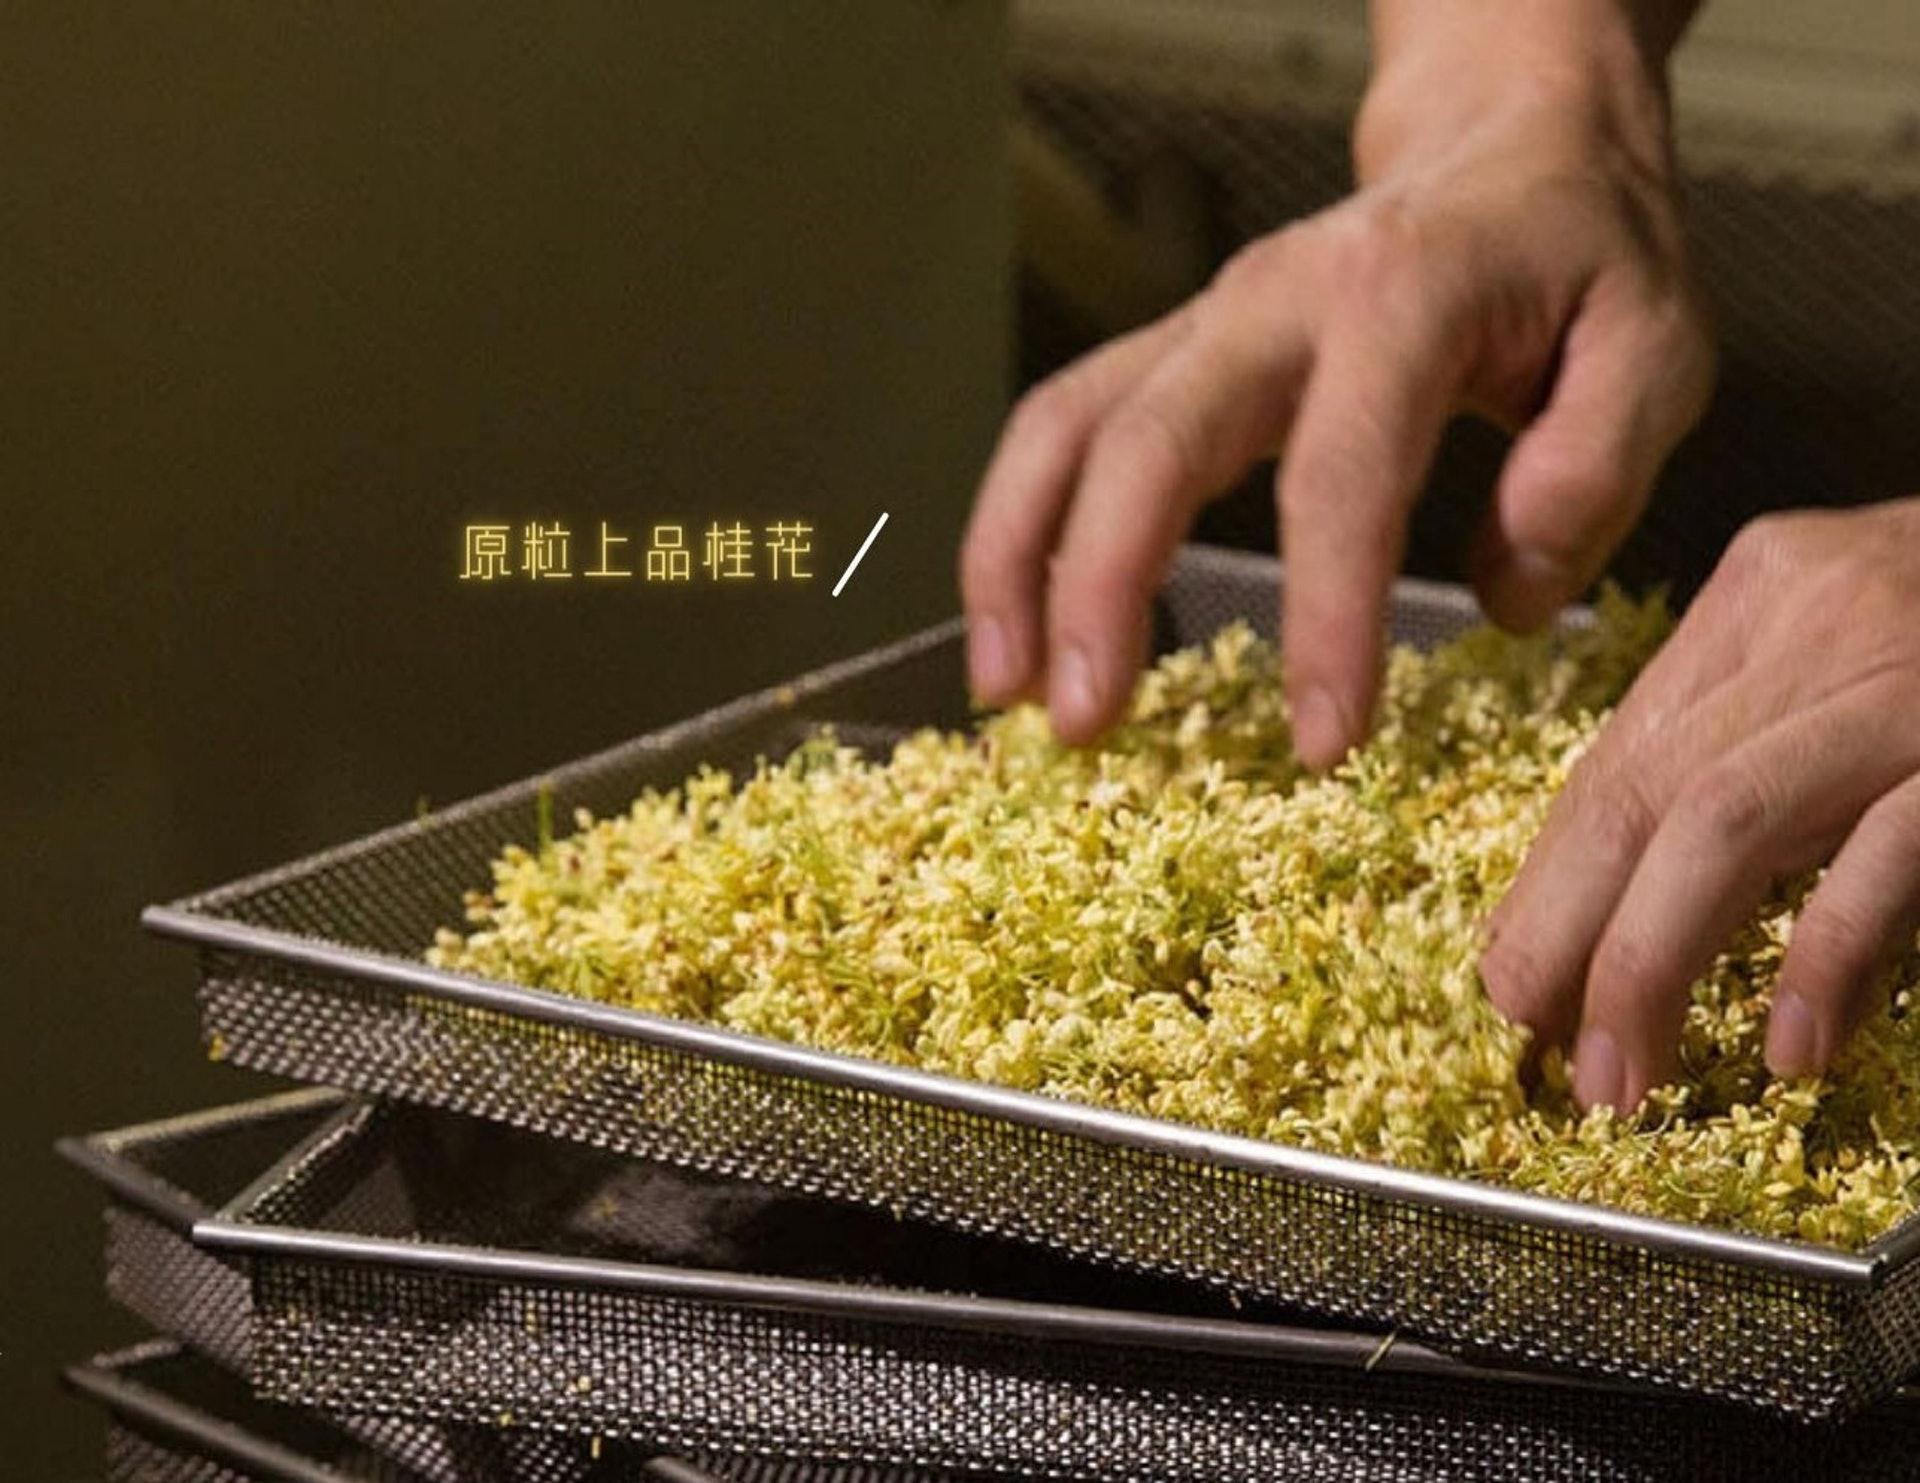 怡健堂中醫 - 極品桂花柑橘豆沙月使用原粒上品桂花